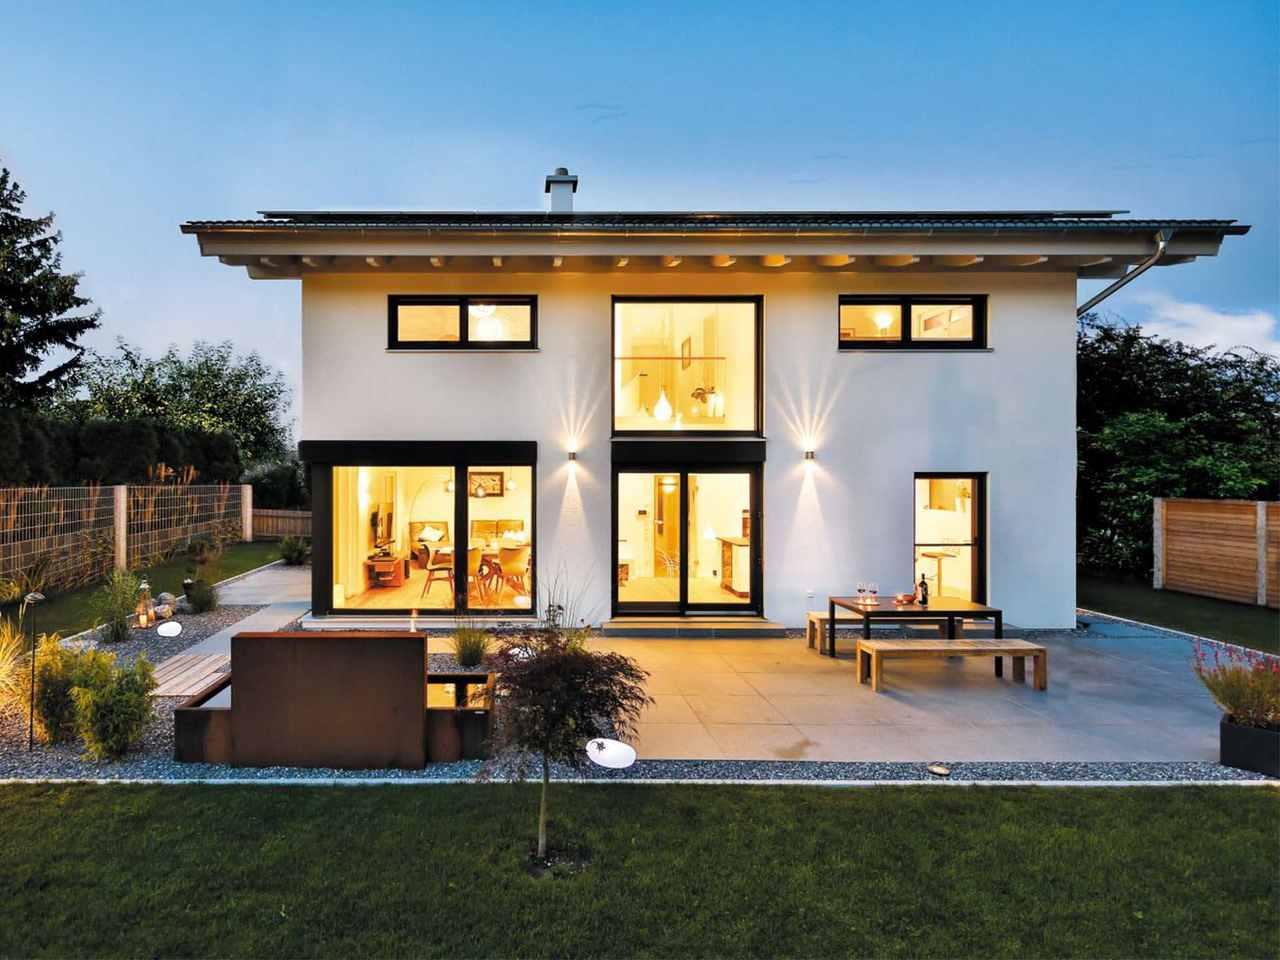 Einfamilienhaus Bruckmühl Garten am Abend